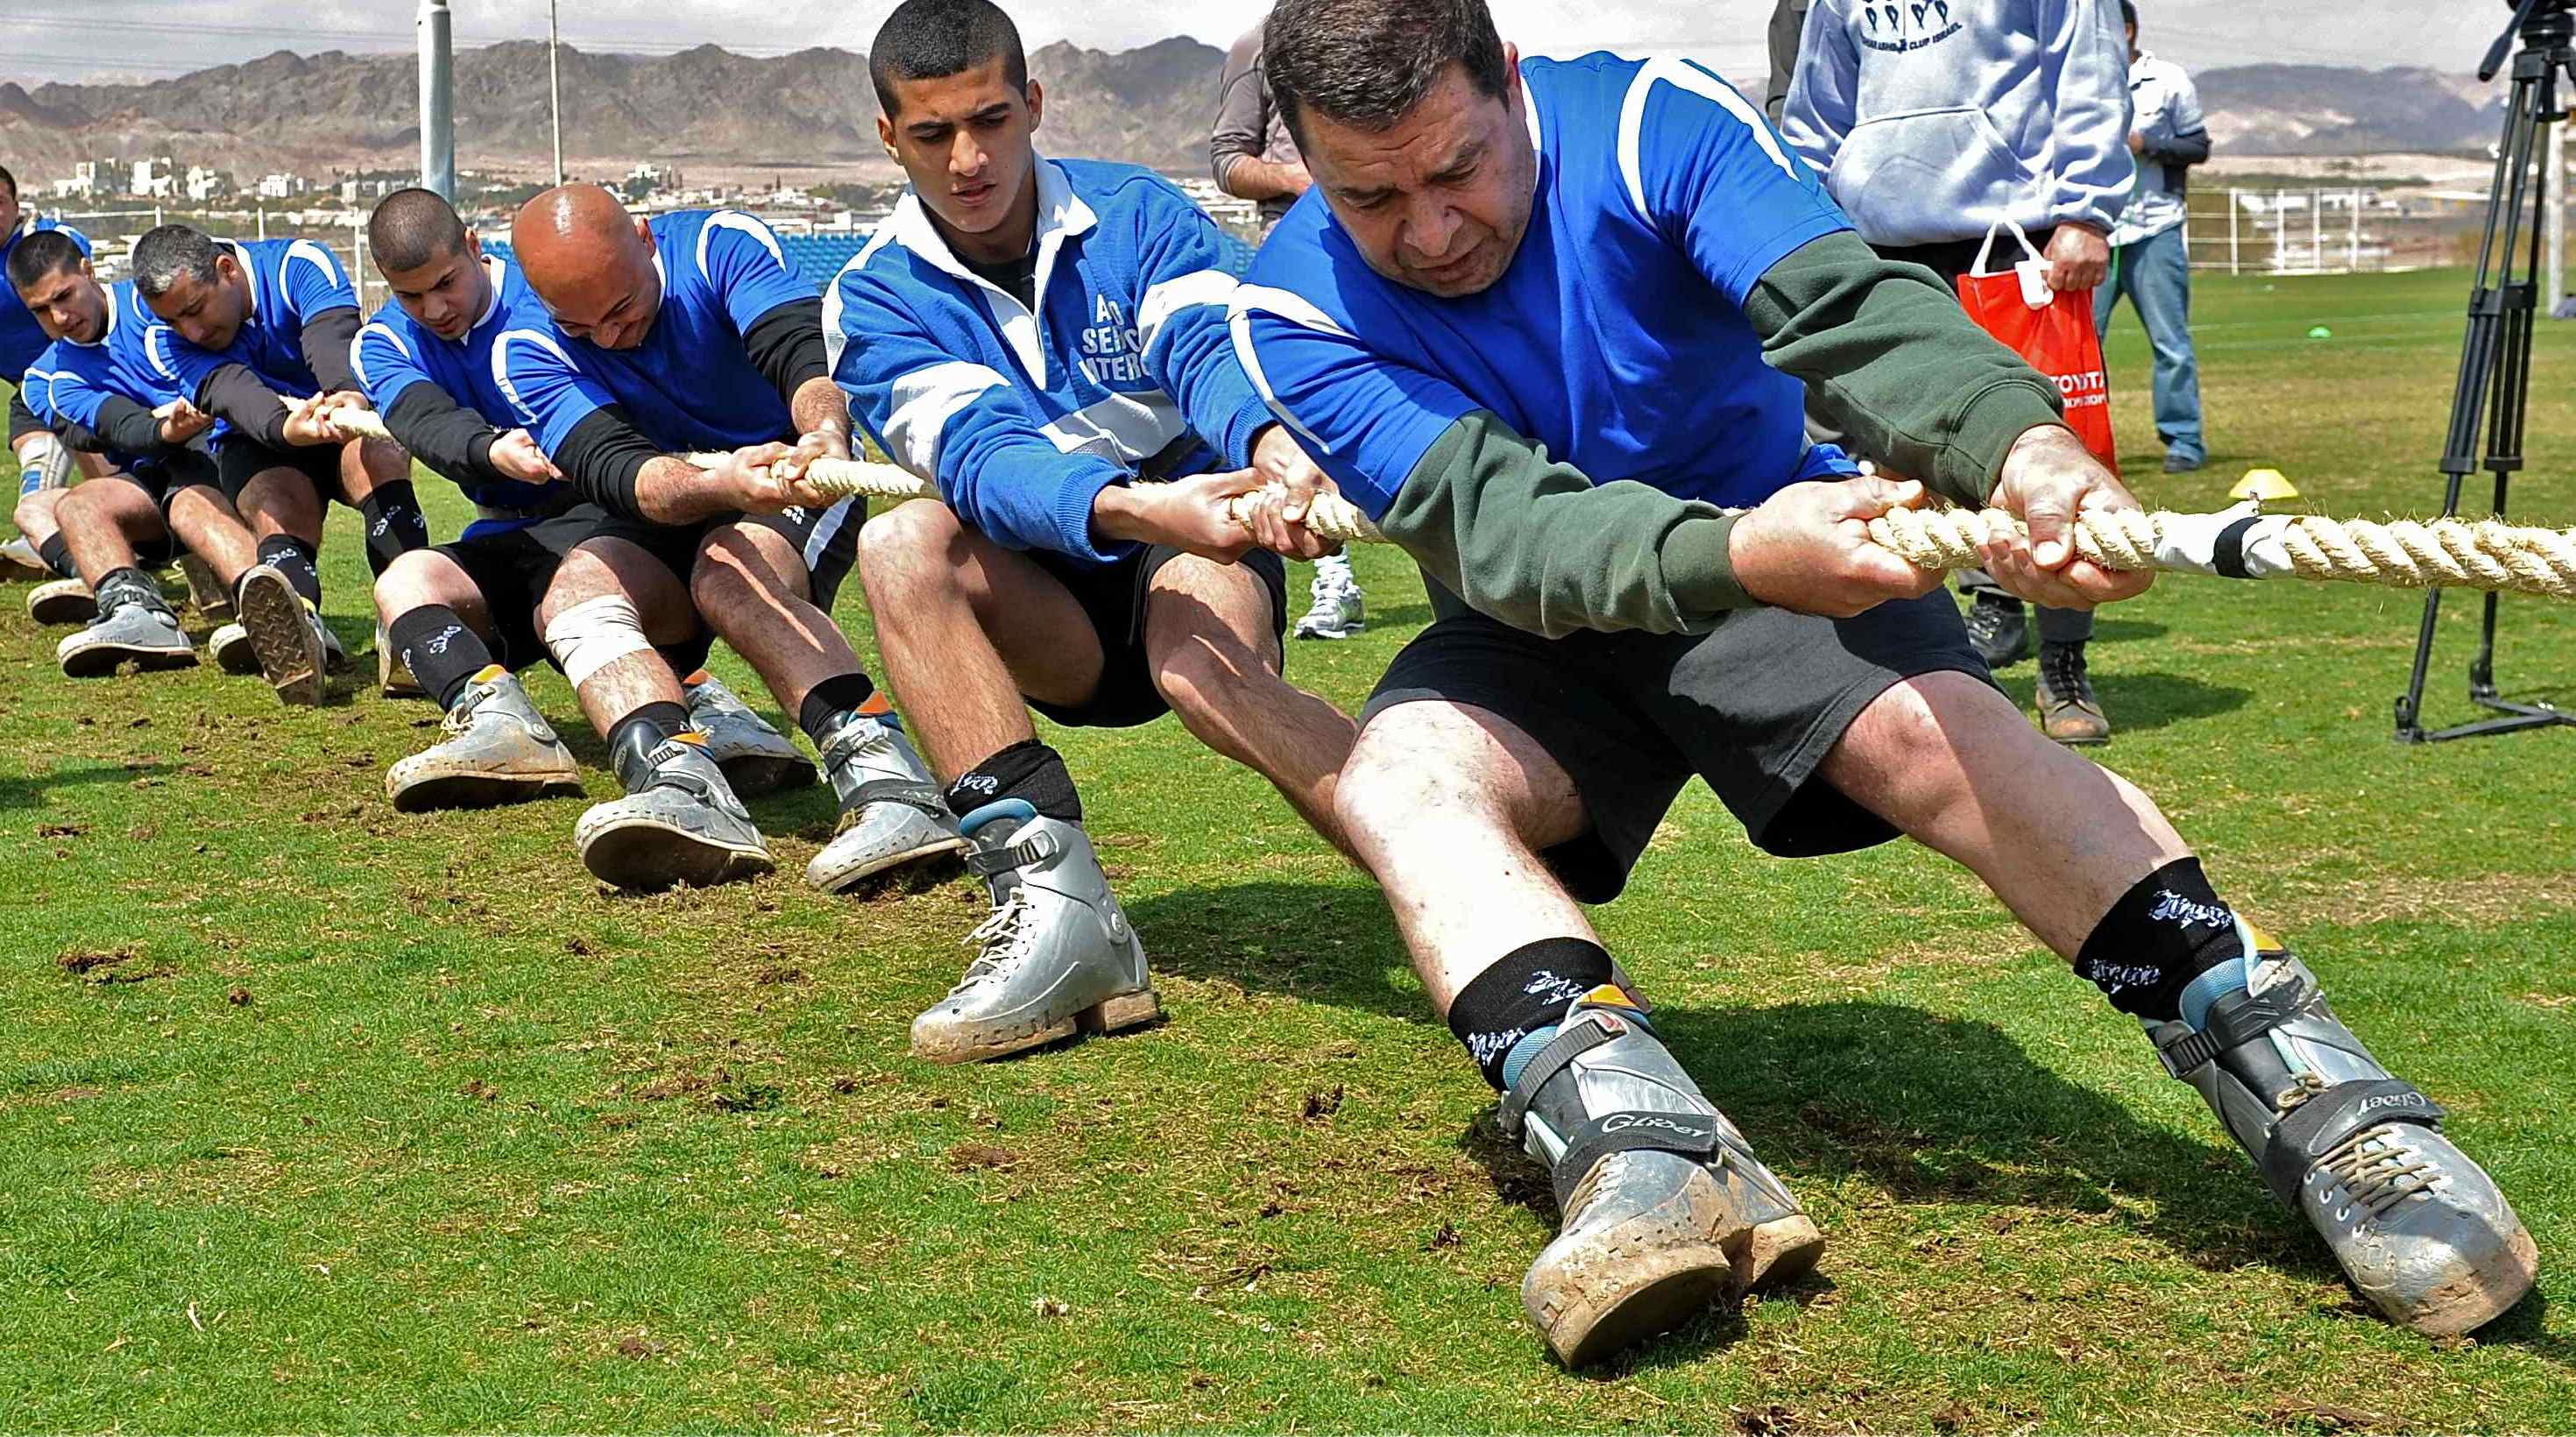 תחרות משיכת חבל עממית. 17 בפברואר. צילום מאיר כפיר